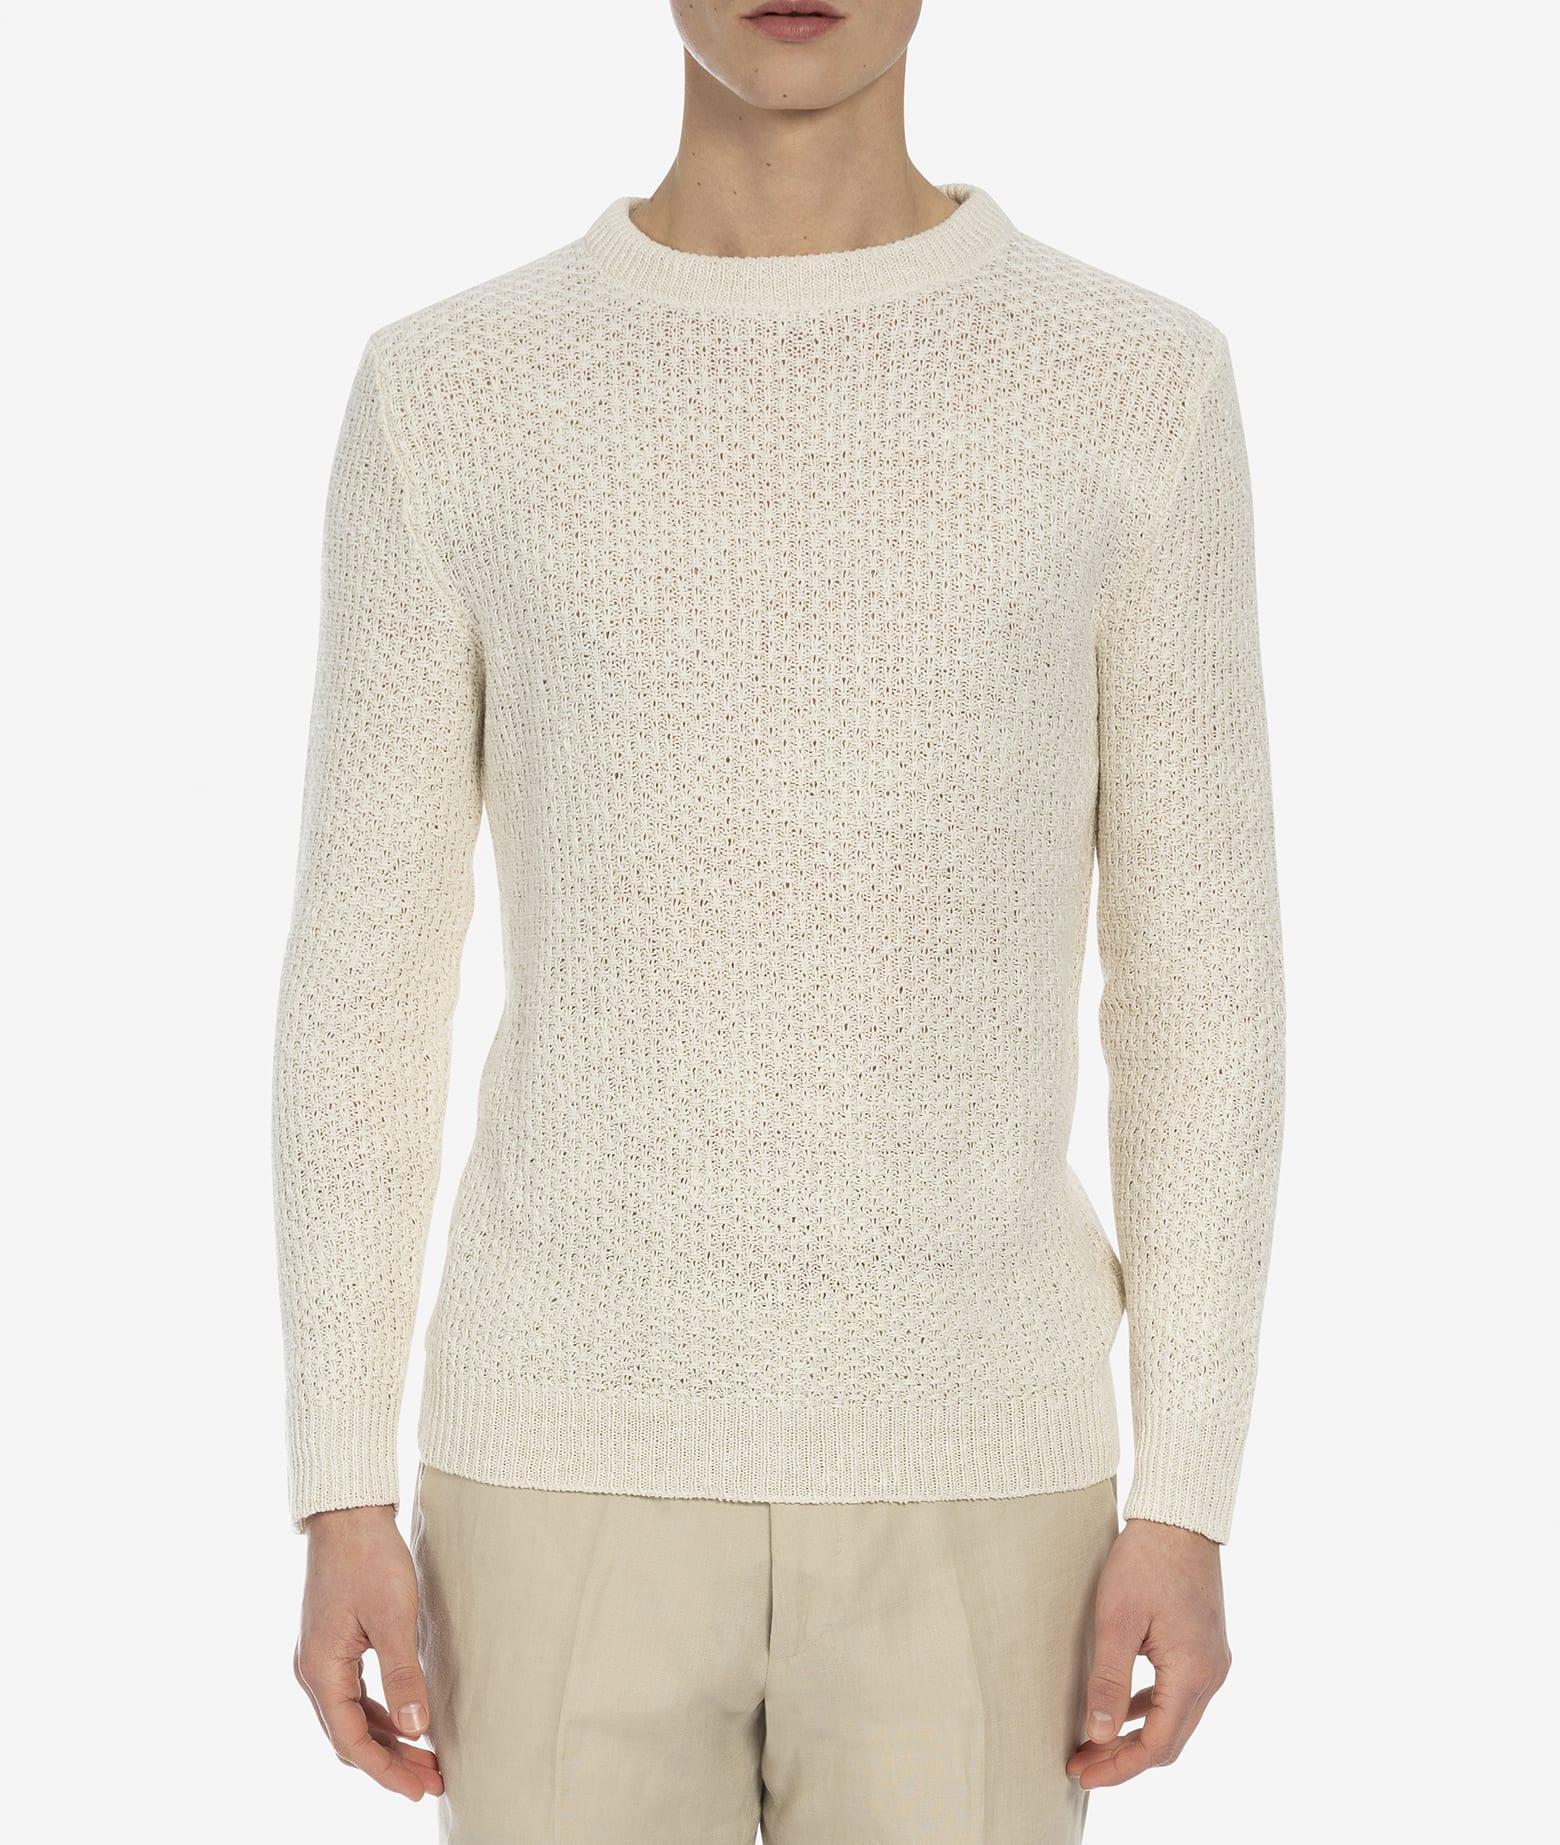 meadow Lane Sweater